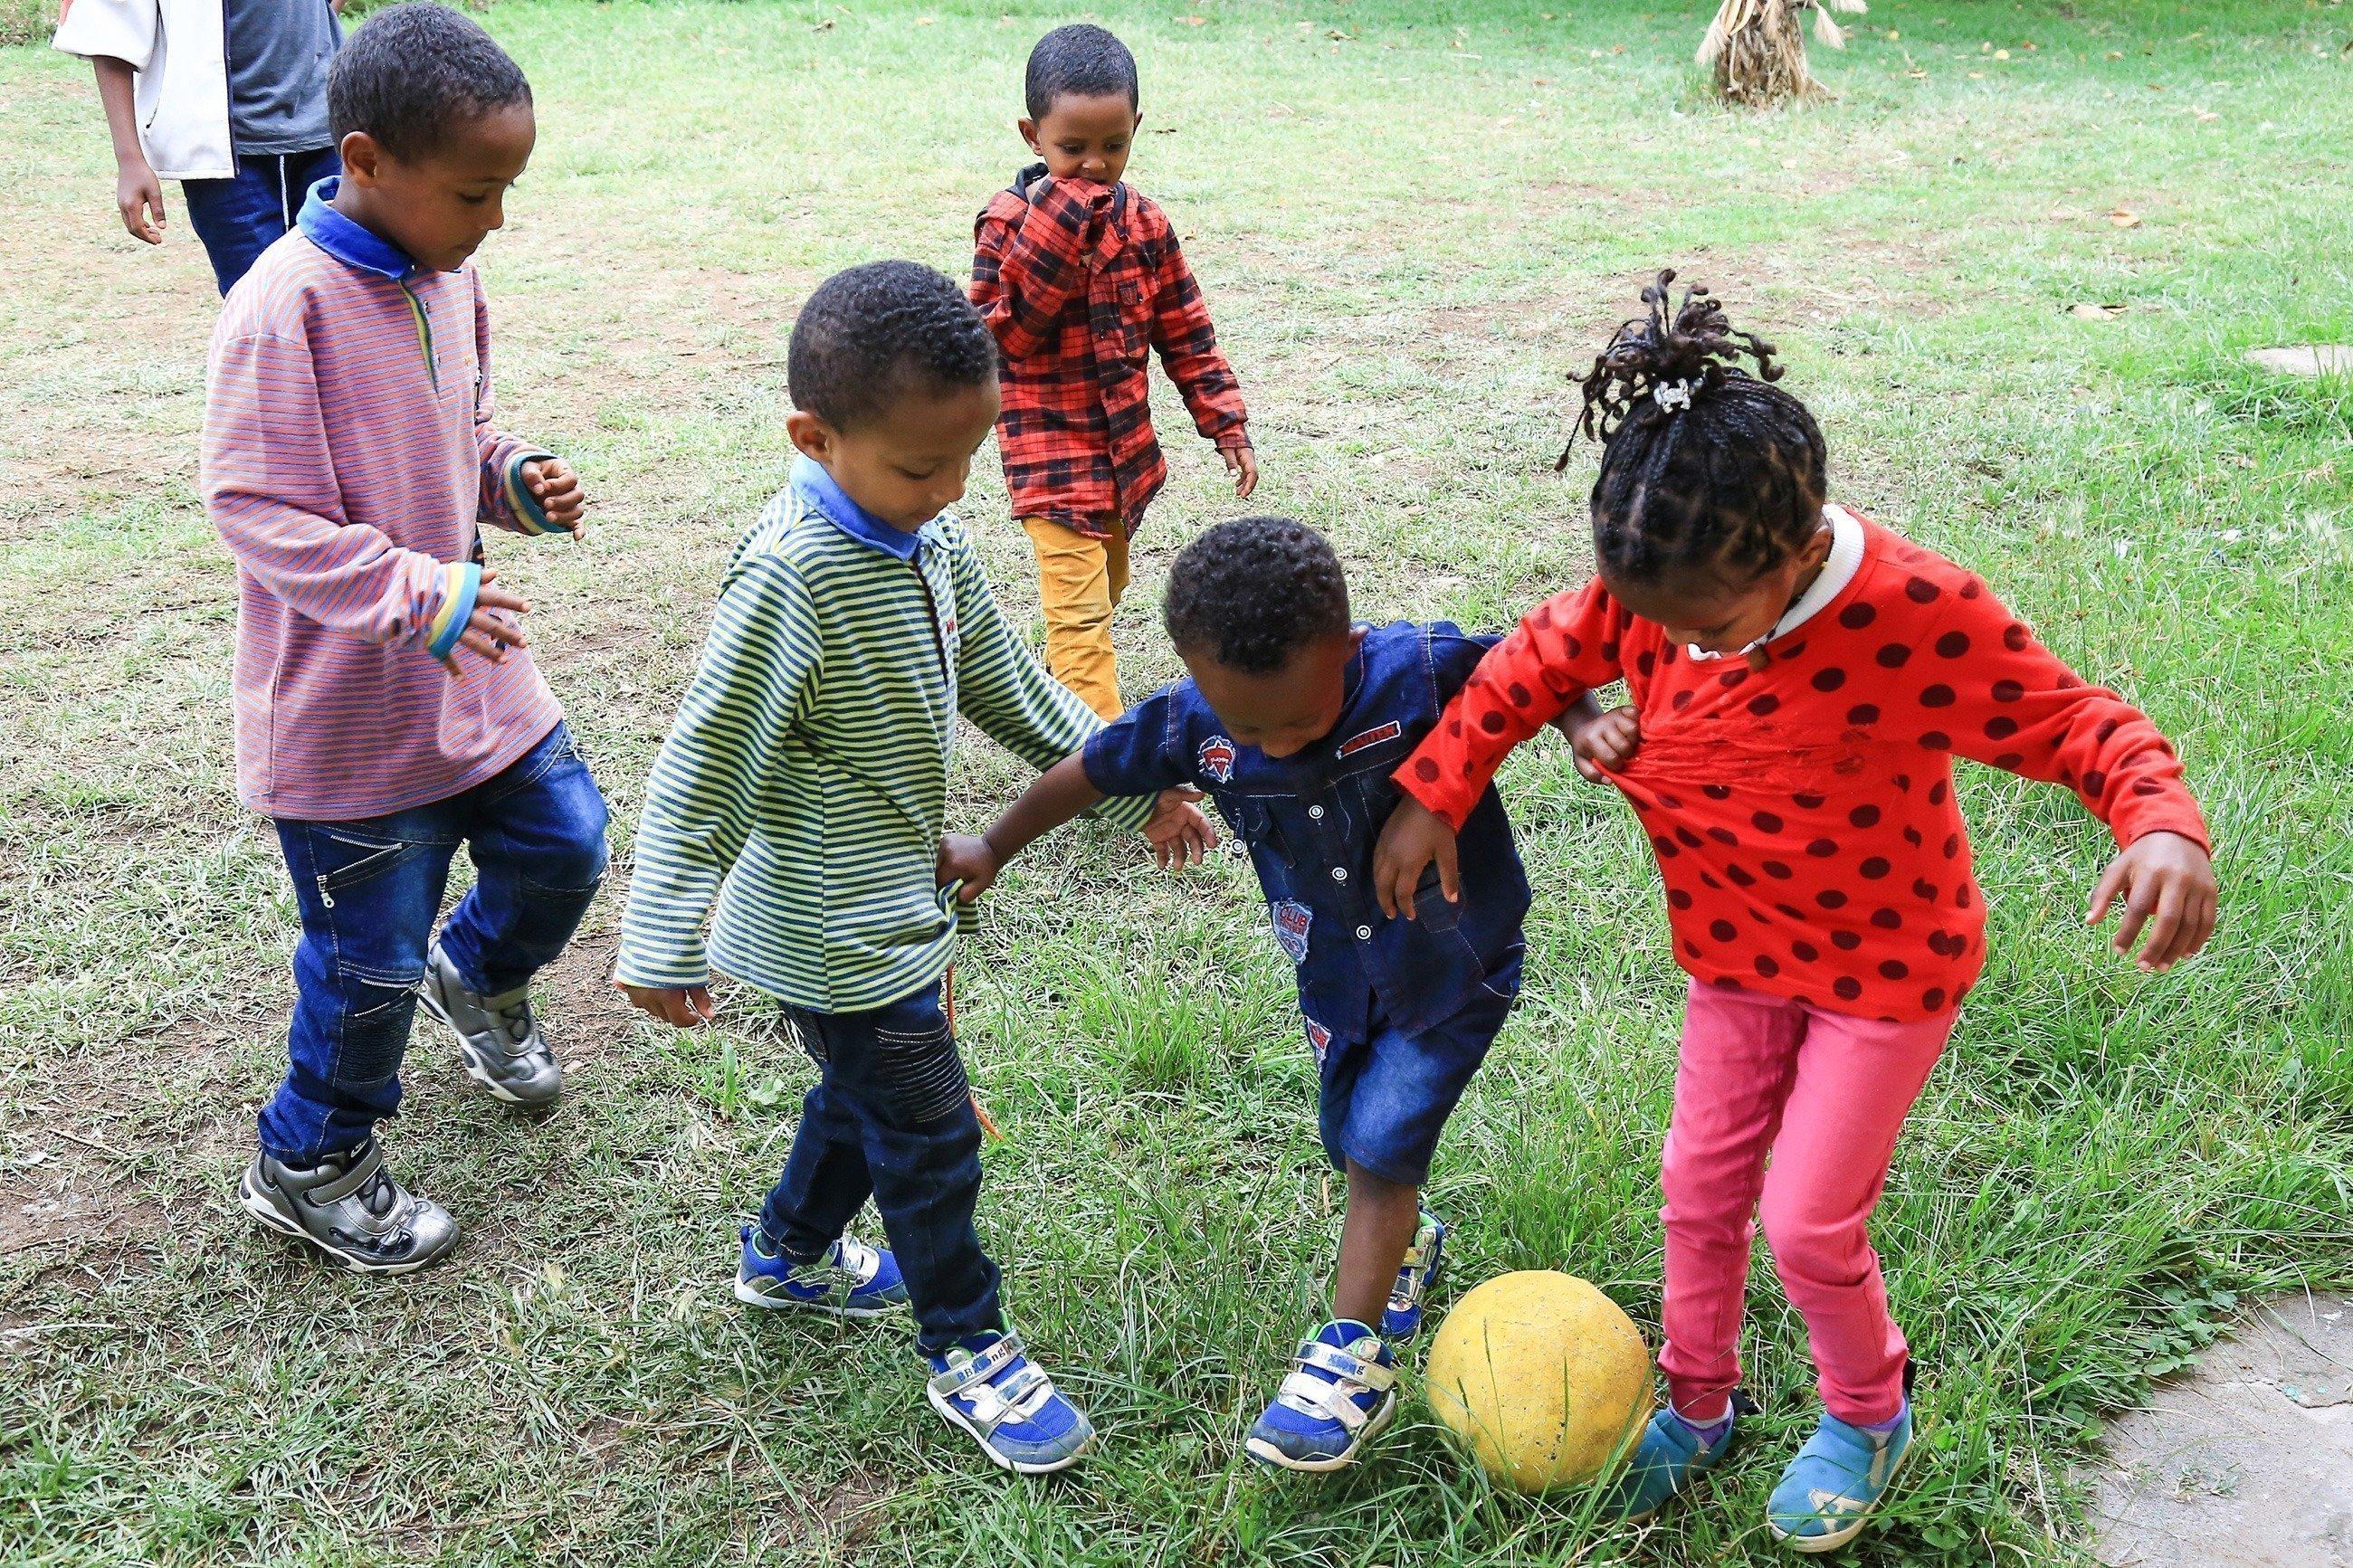 Afrikanische Kinder spielen Fußball.